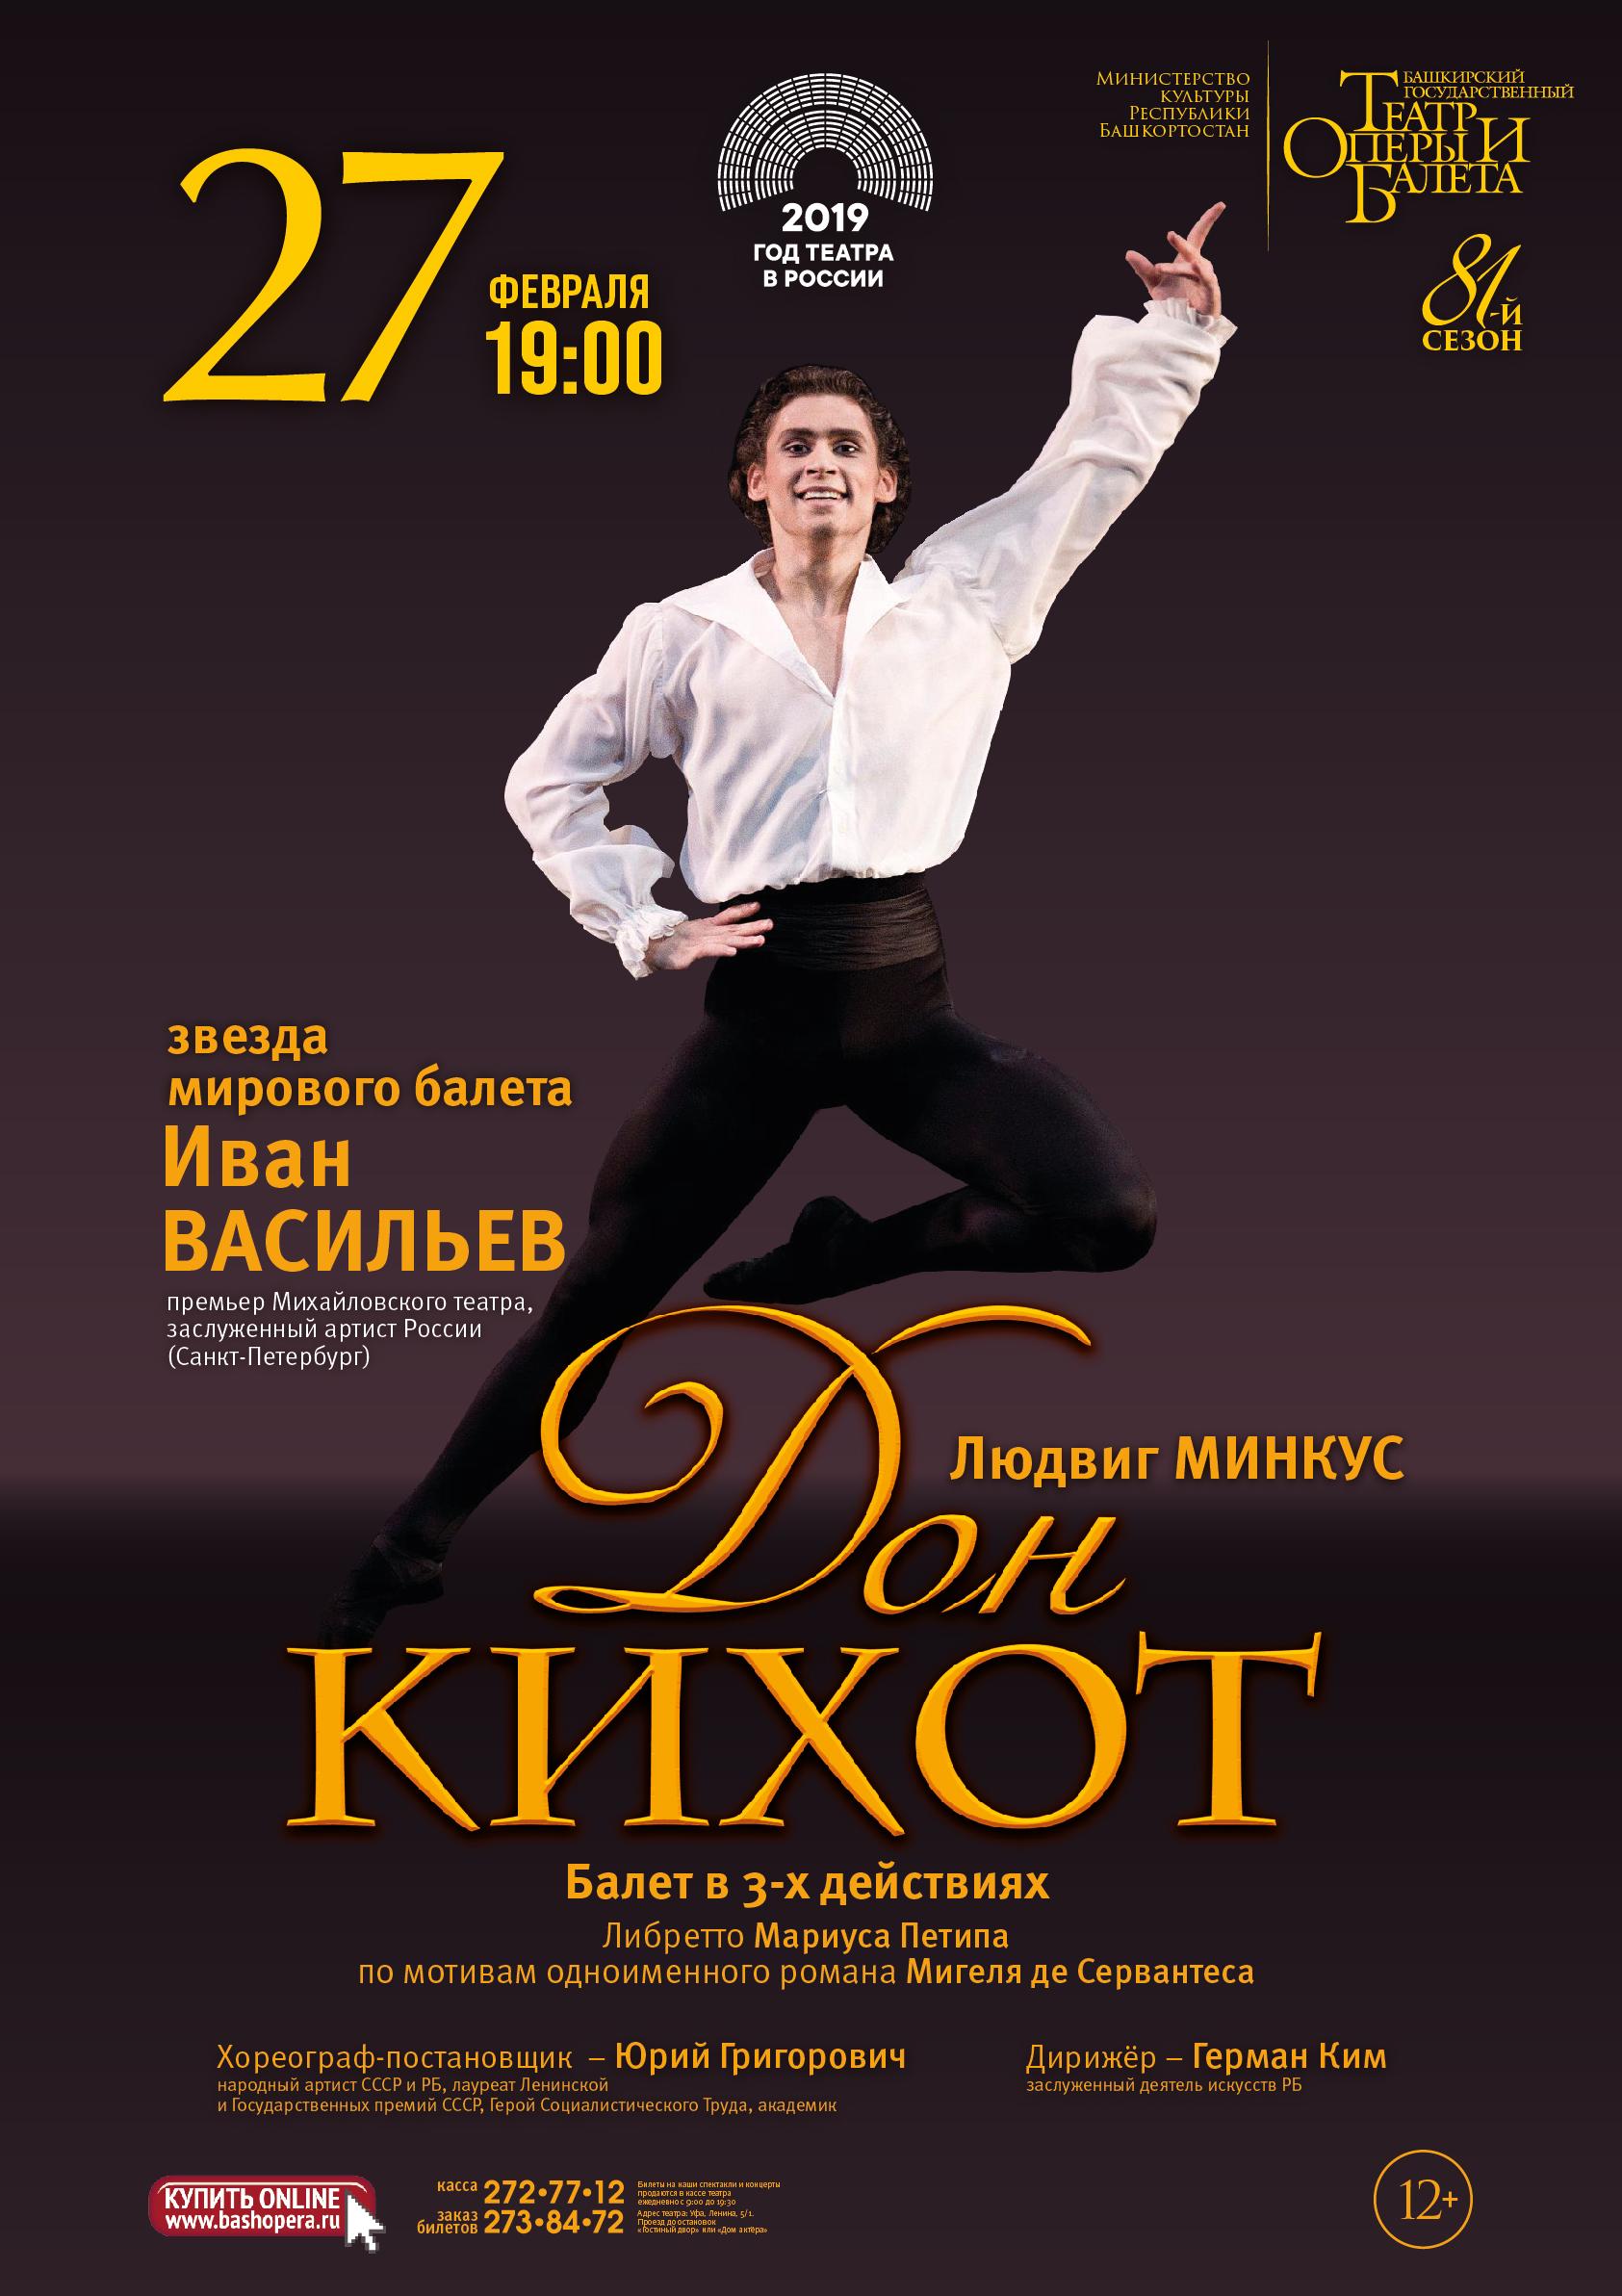 Билеты на концерты в уфе на башкирские драматический театр афиша великий новгород